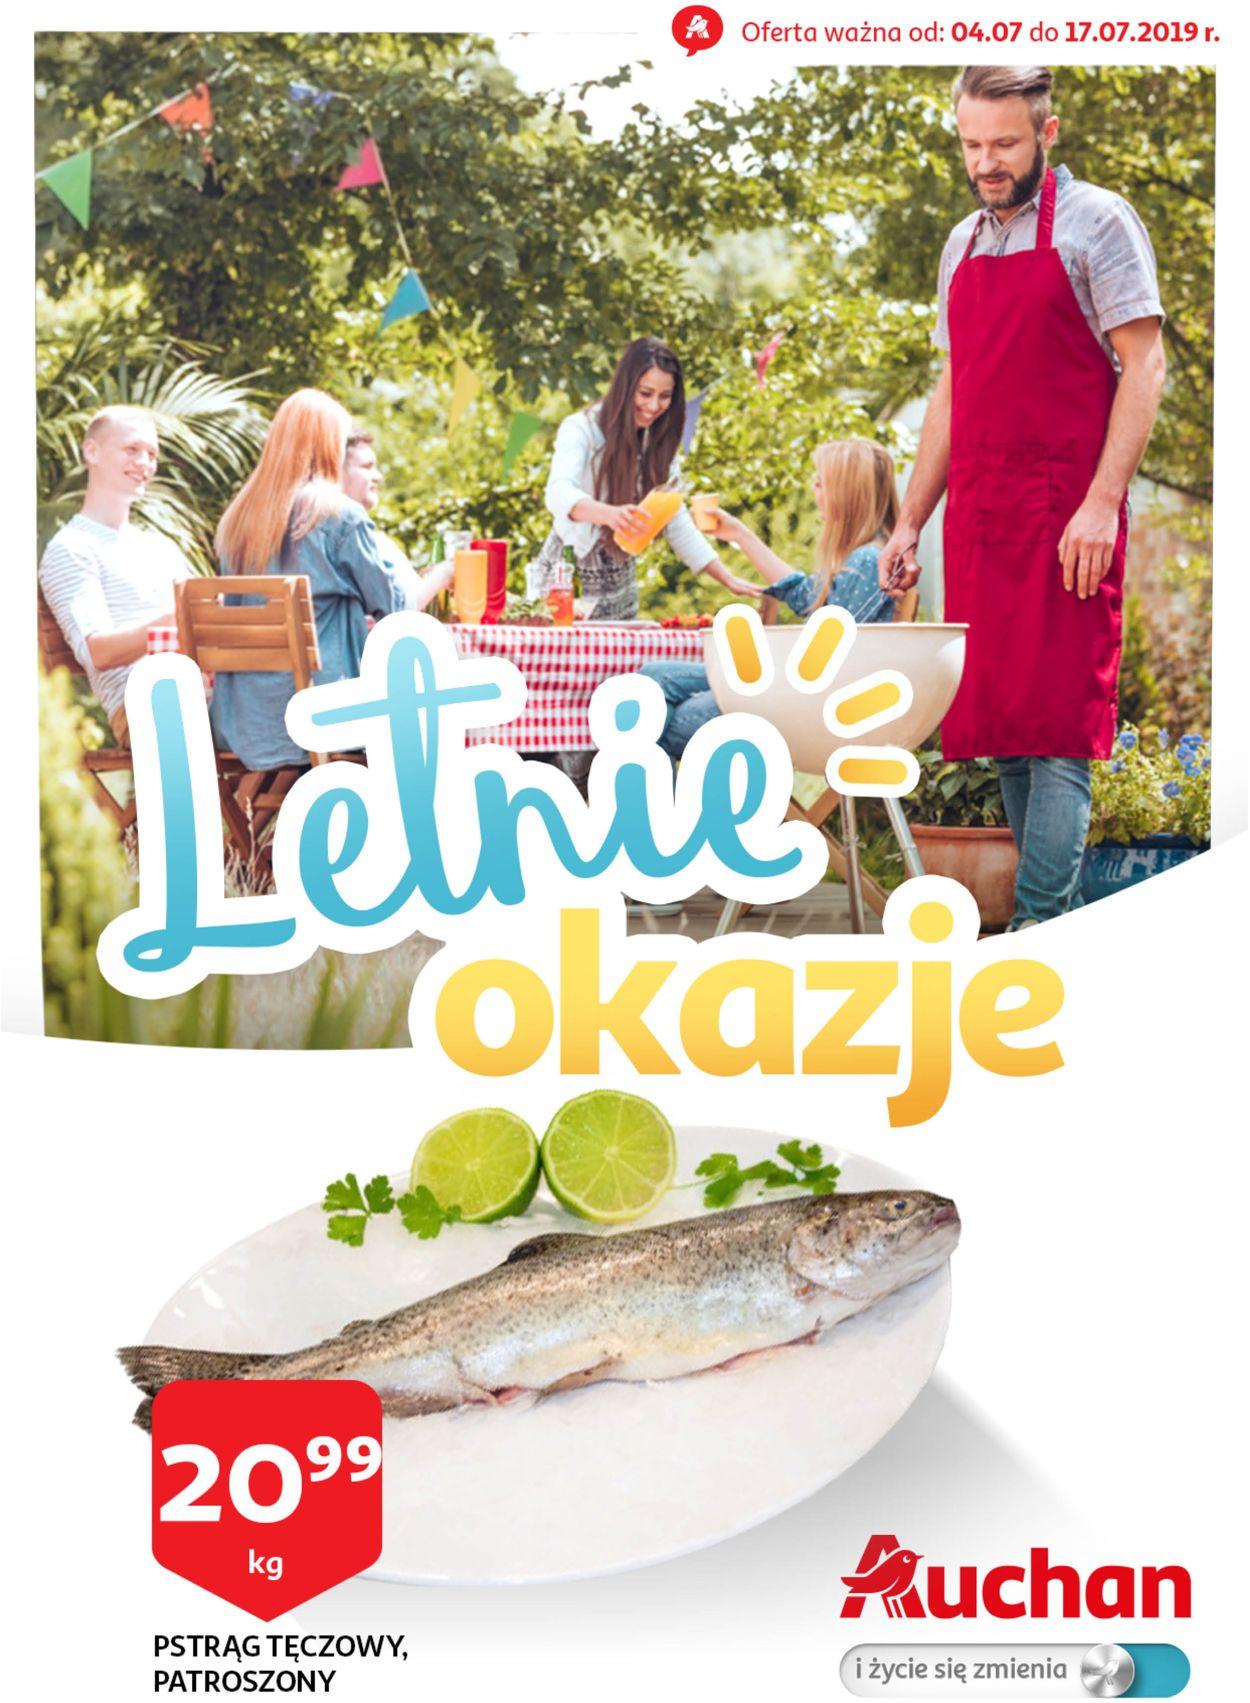 Gazetka promocyjna Auchan - 04.07-17.07.2019